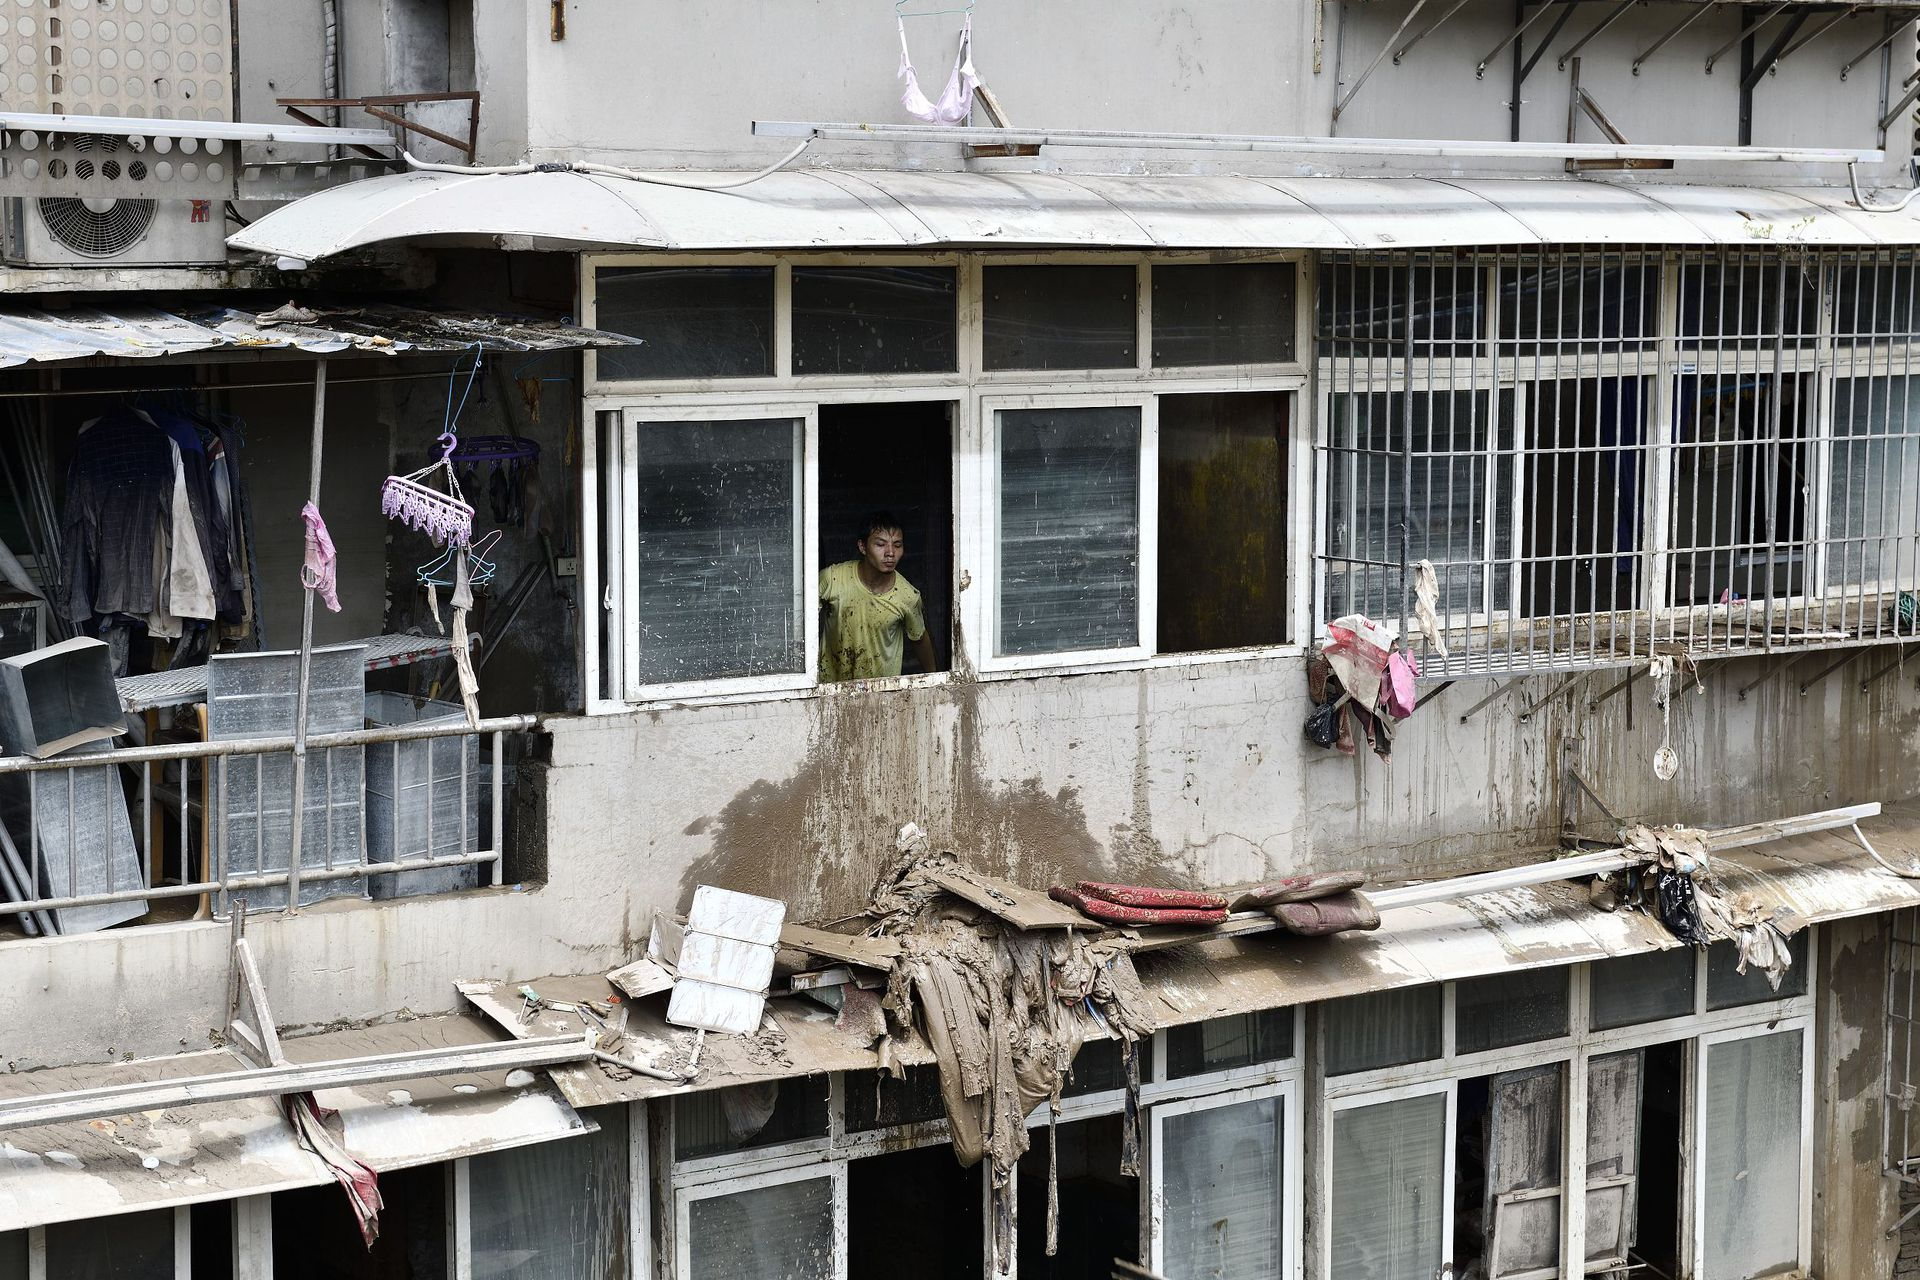 重庆渝中区长江滨江路上,一幢居民楼在此次洪峰被淹至两楼,图为该居民楼阳台上的居民。